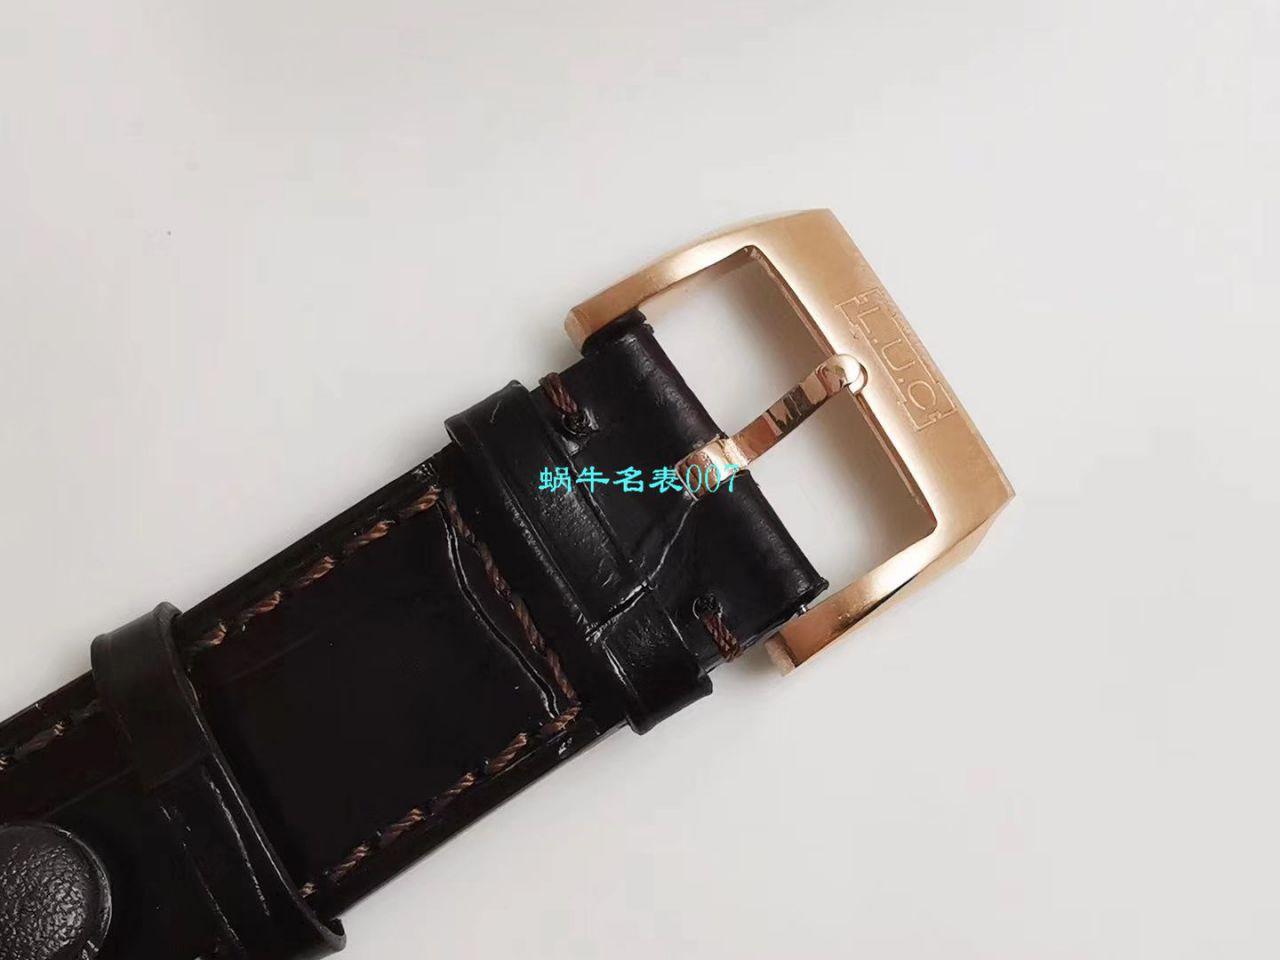 【LUC厂Chopard复刻手表】萧邦L.U.C系列L.U.C THE TRIBUTE系161923-1001腕表与怀表一体腕表